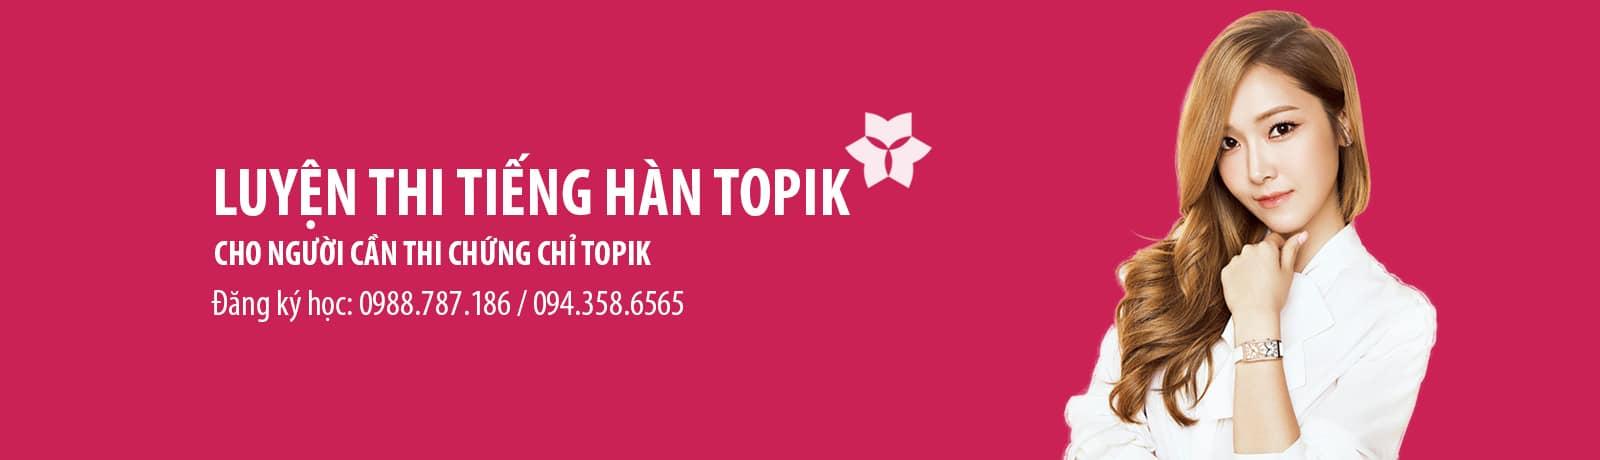 Luyện thi tiếng Hàn TOPIK